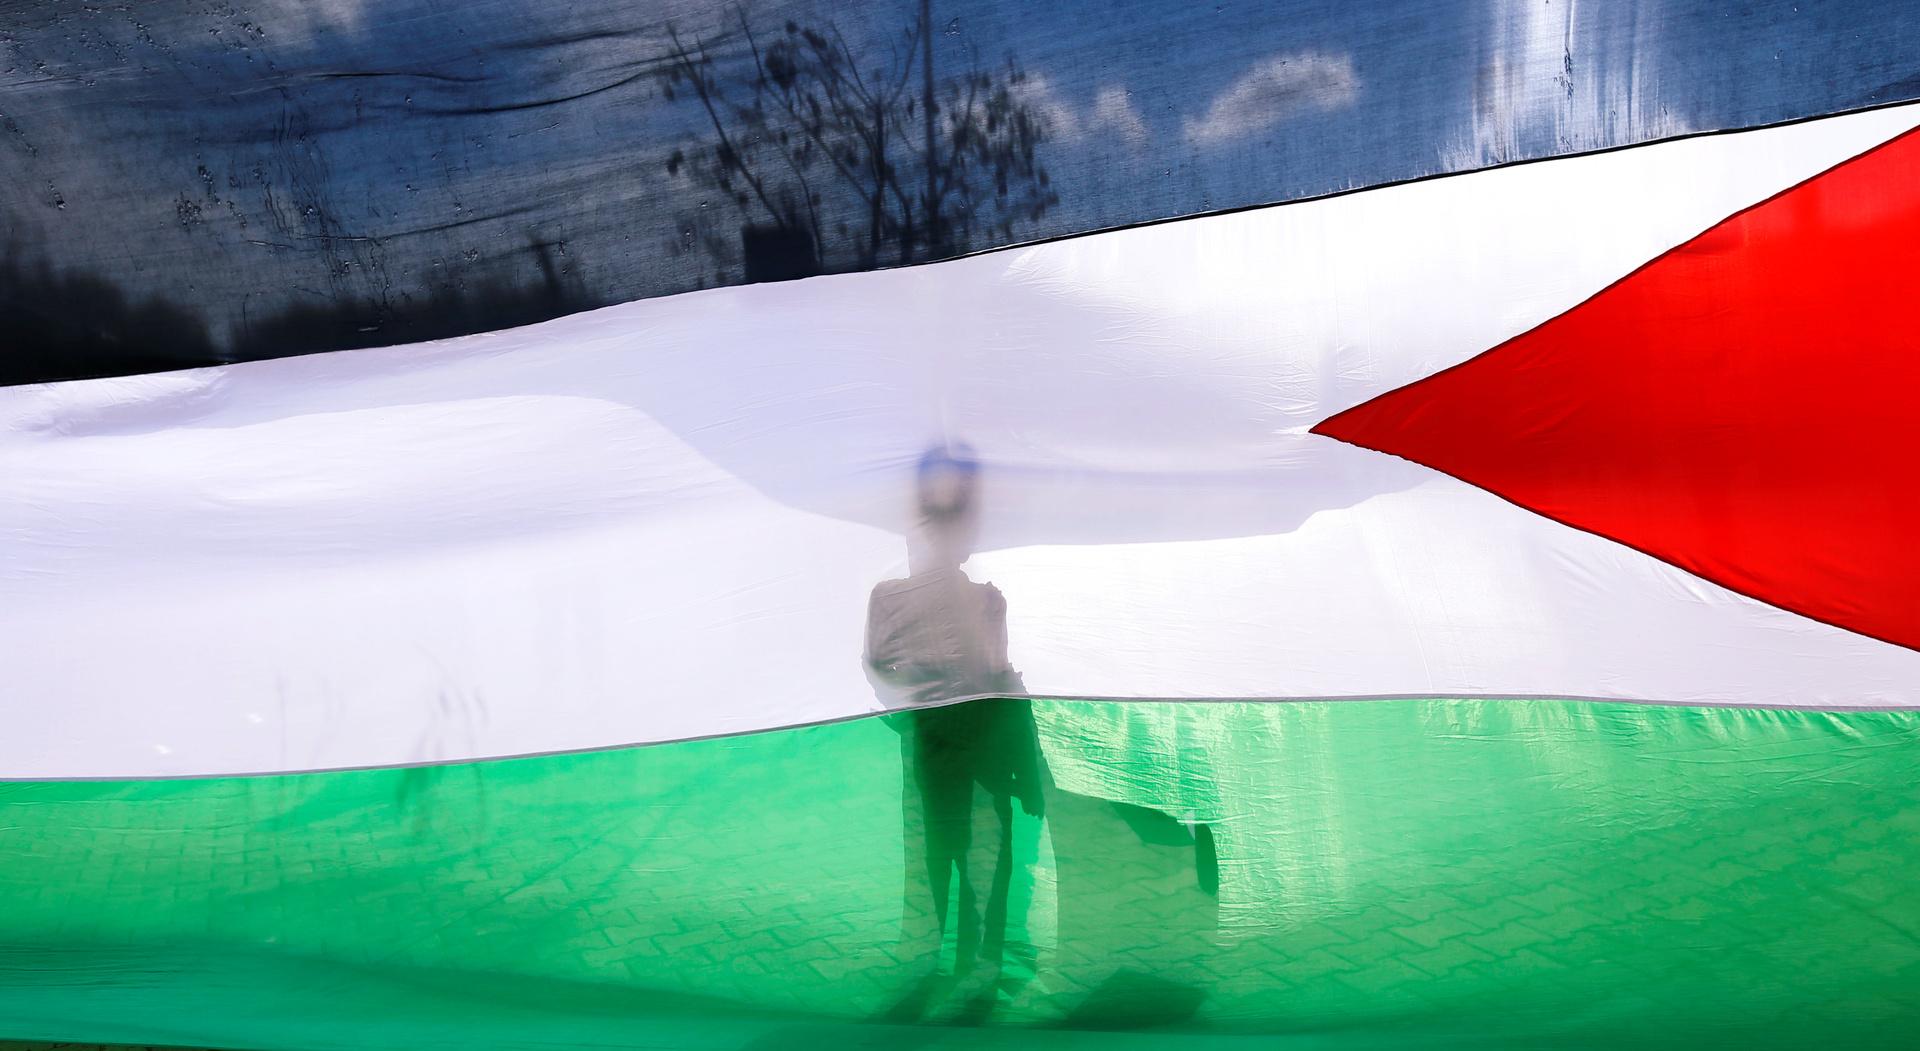 بالفيديو.. علم فلسطيني ضخم في قلب القدس القديمة